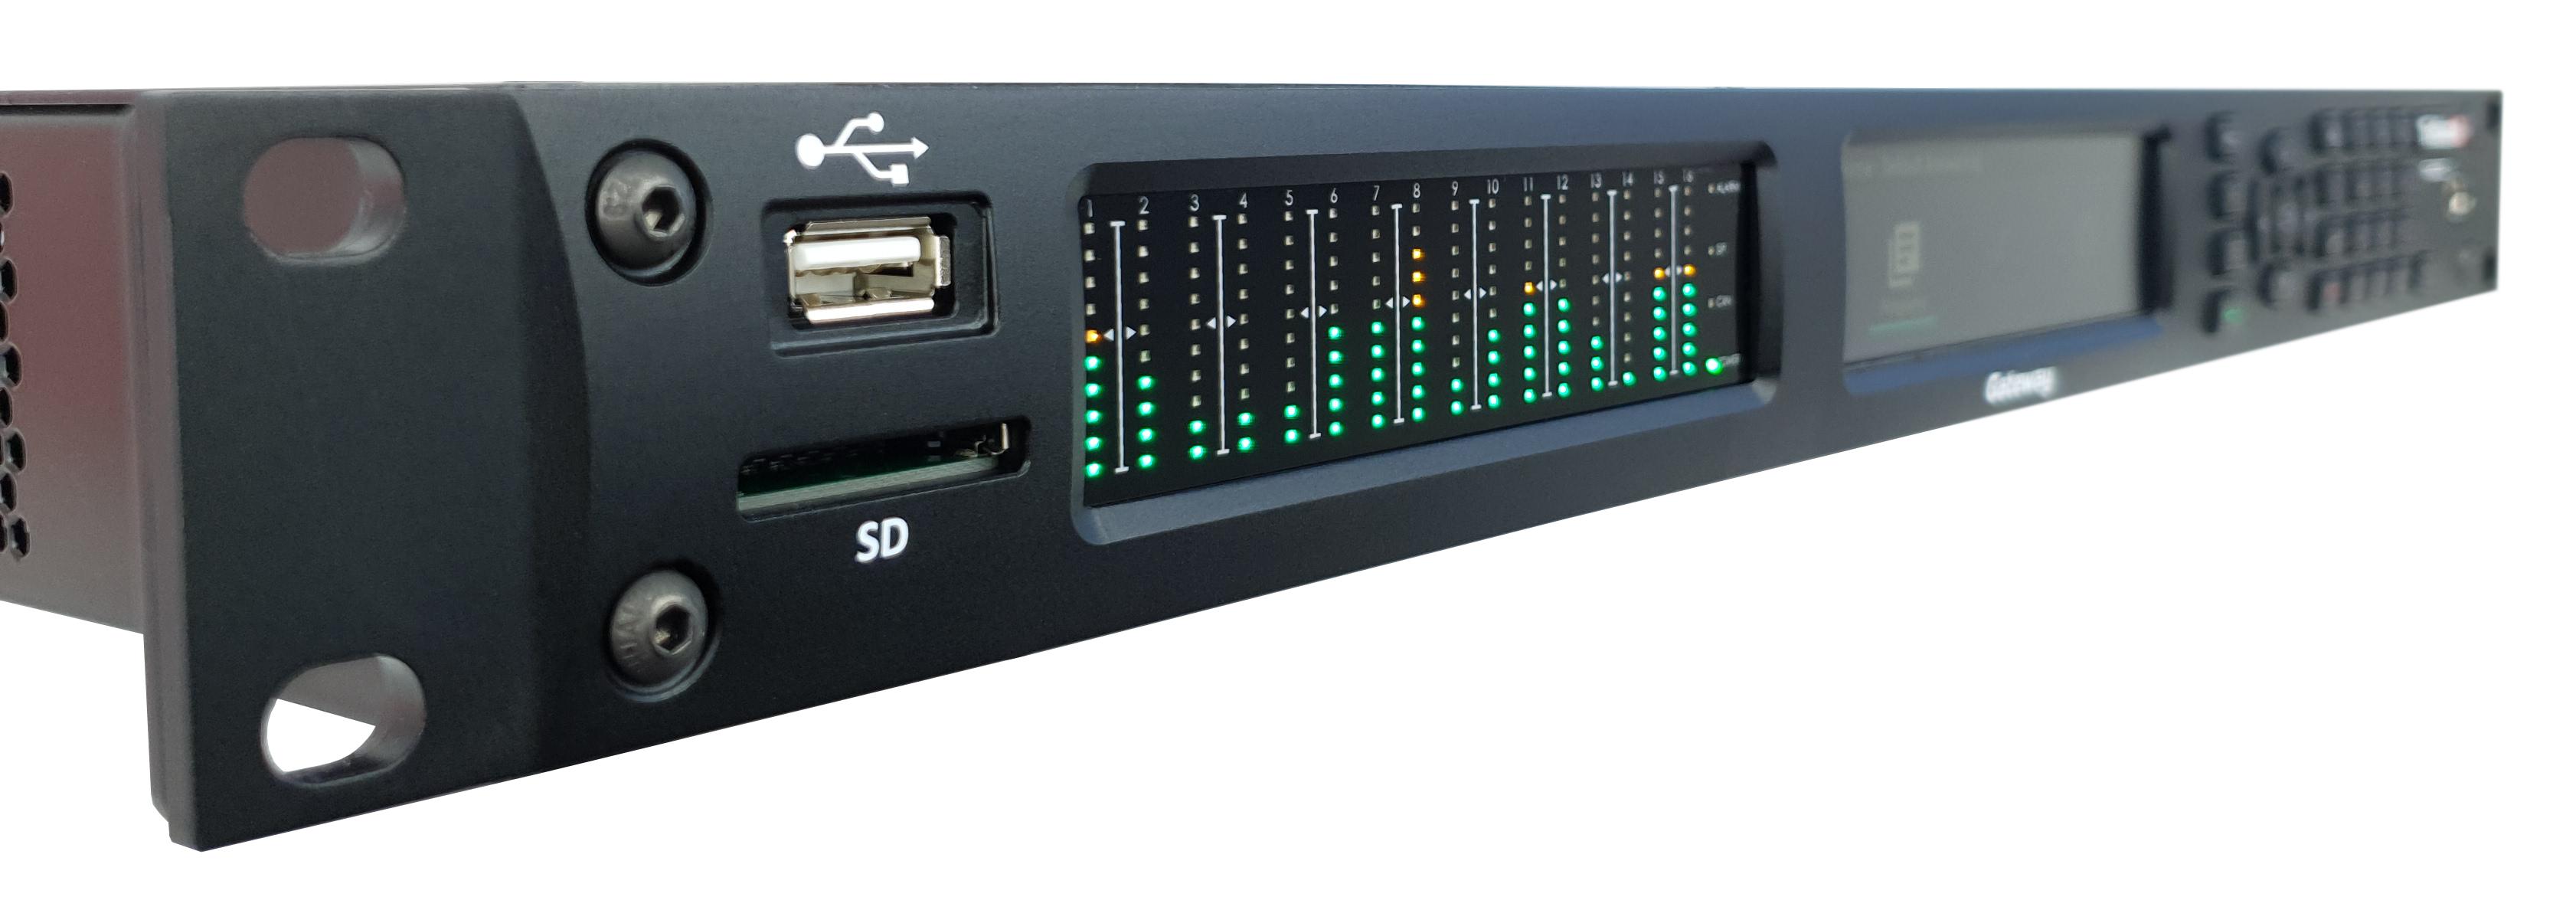 Le Codec IP multicanal Tieline Gateway est désormais disponible